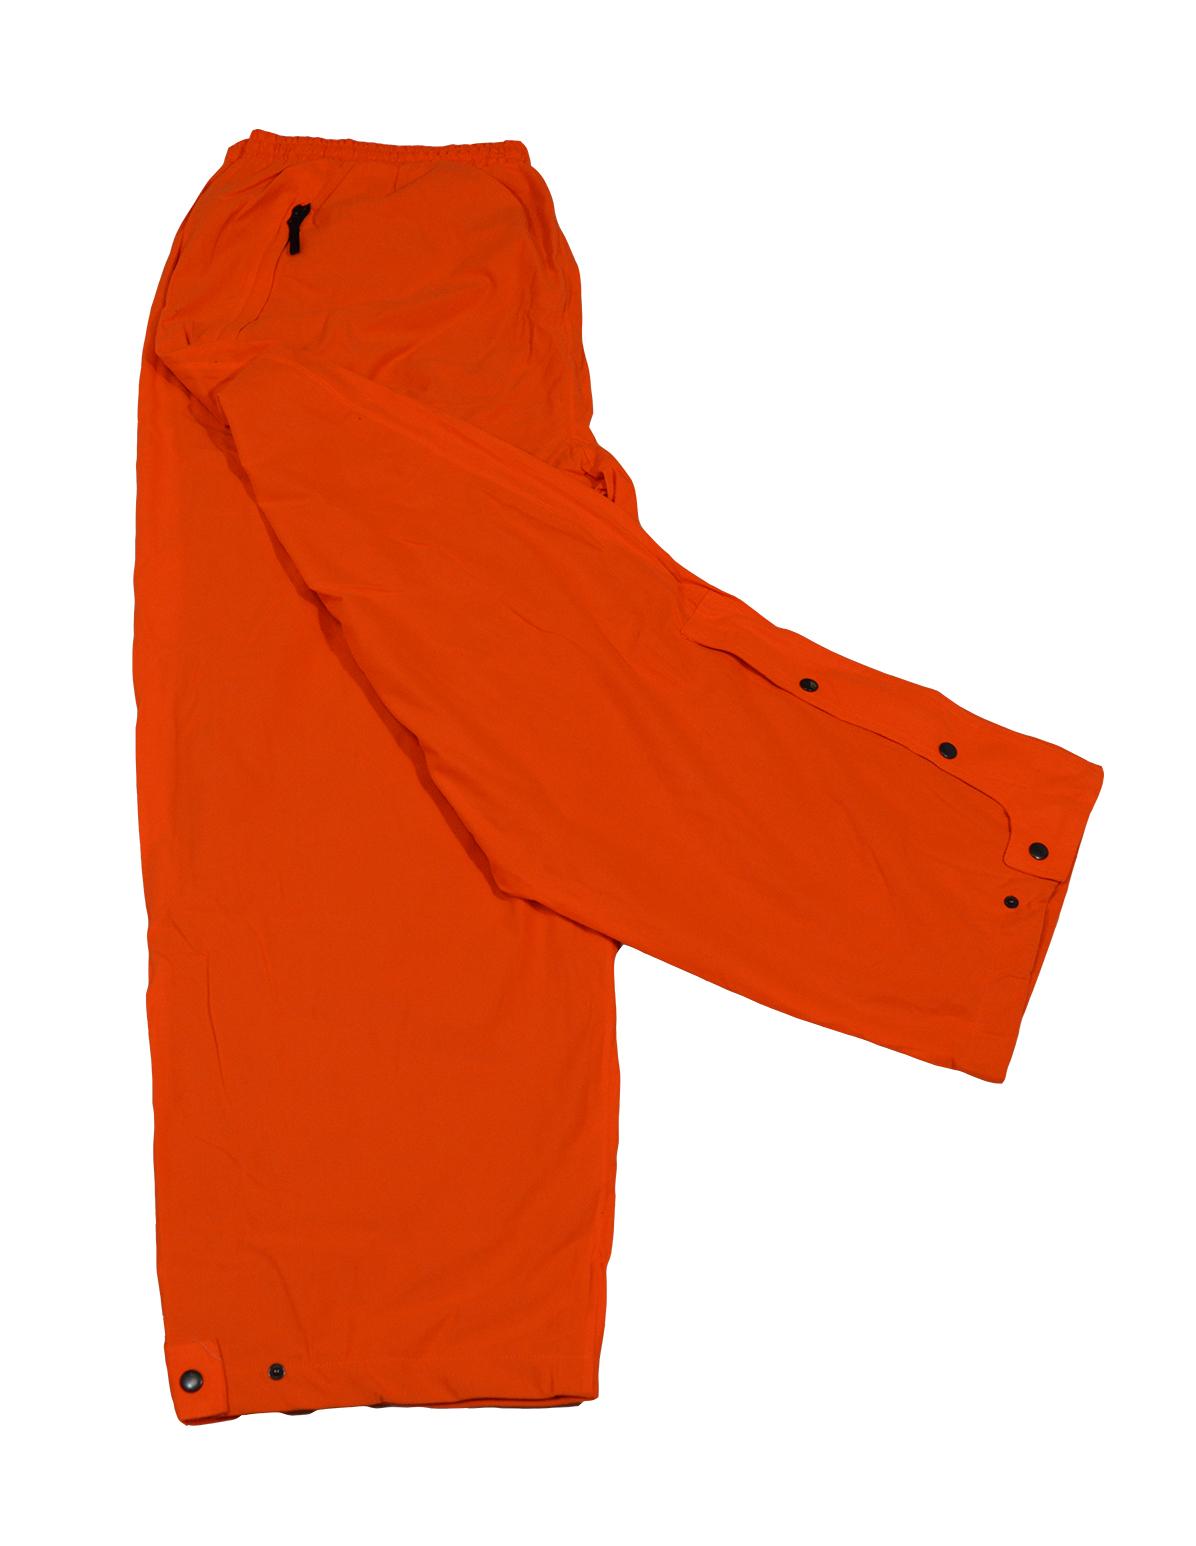 Burly-Suit-Blaze-Pant.php